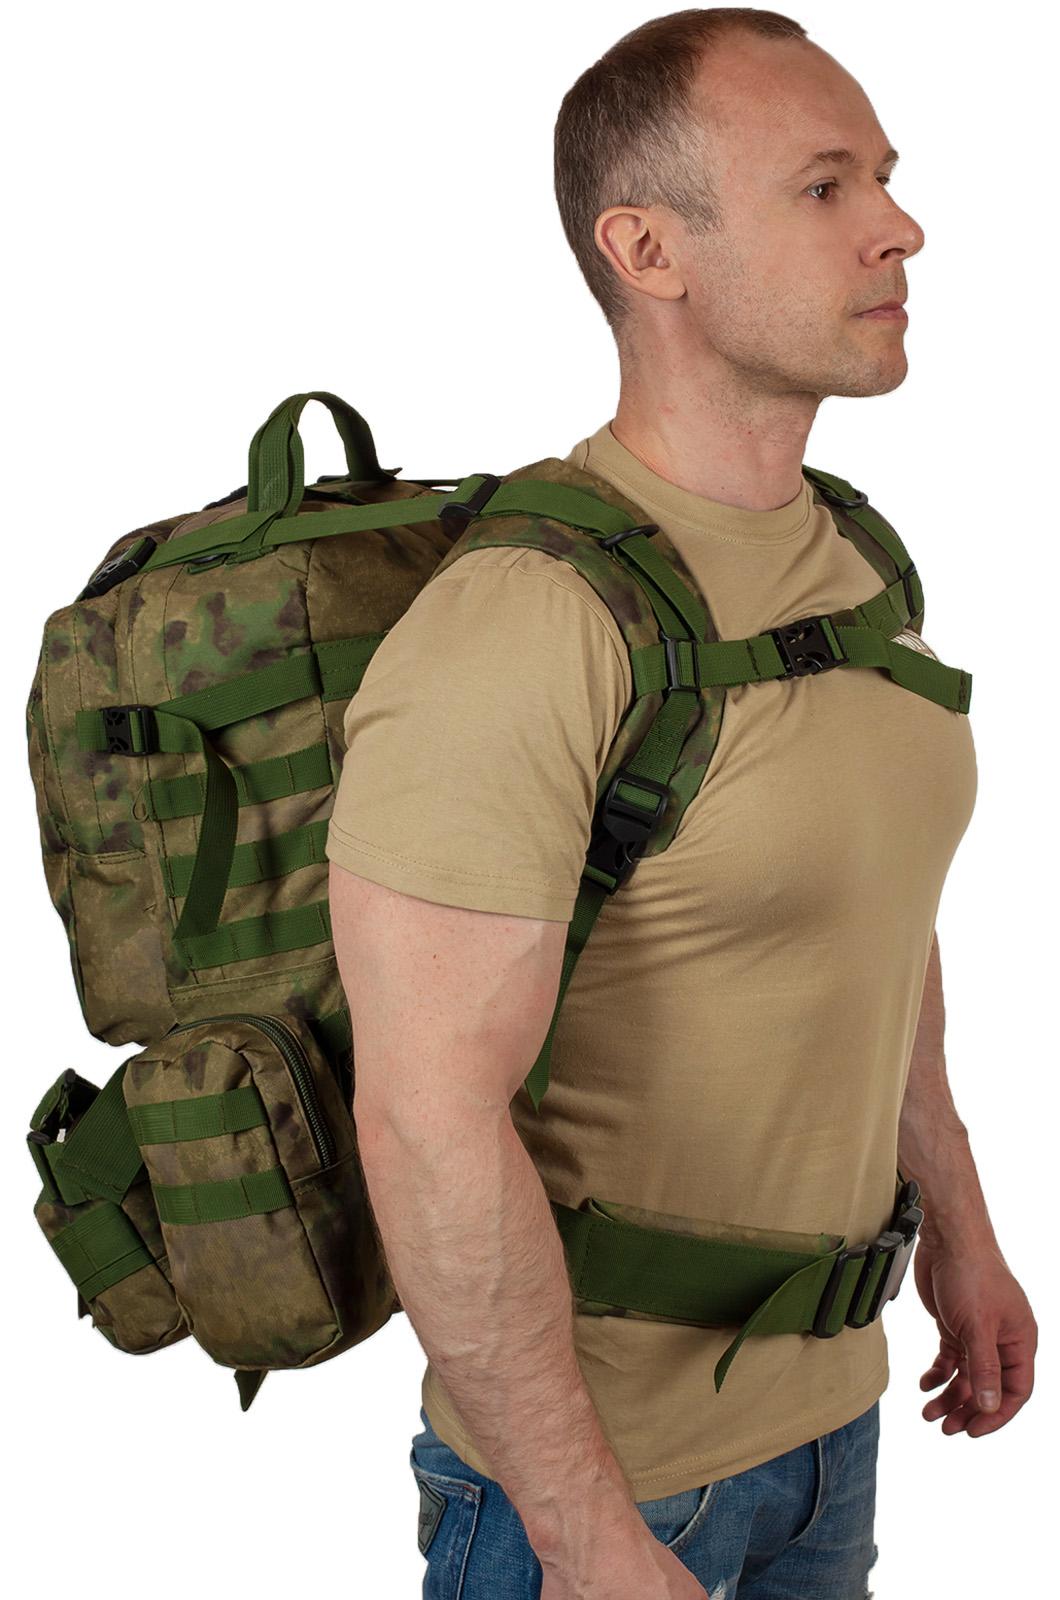 Широкий выбор военных рюкзаков с карманами